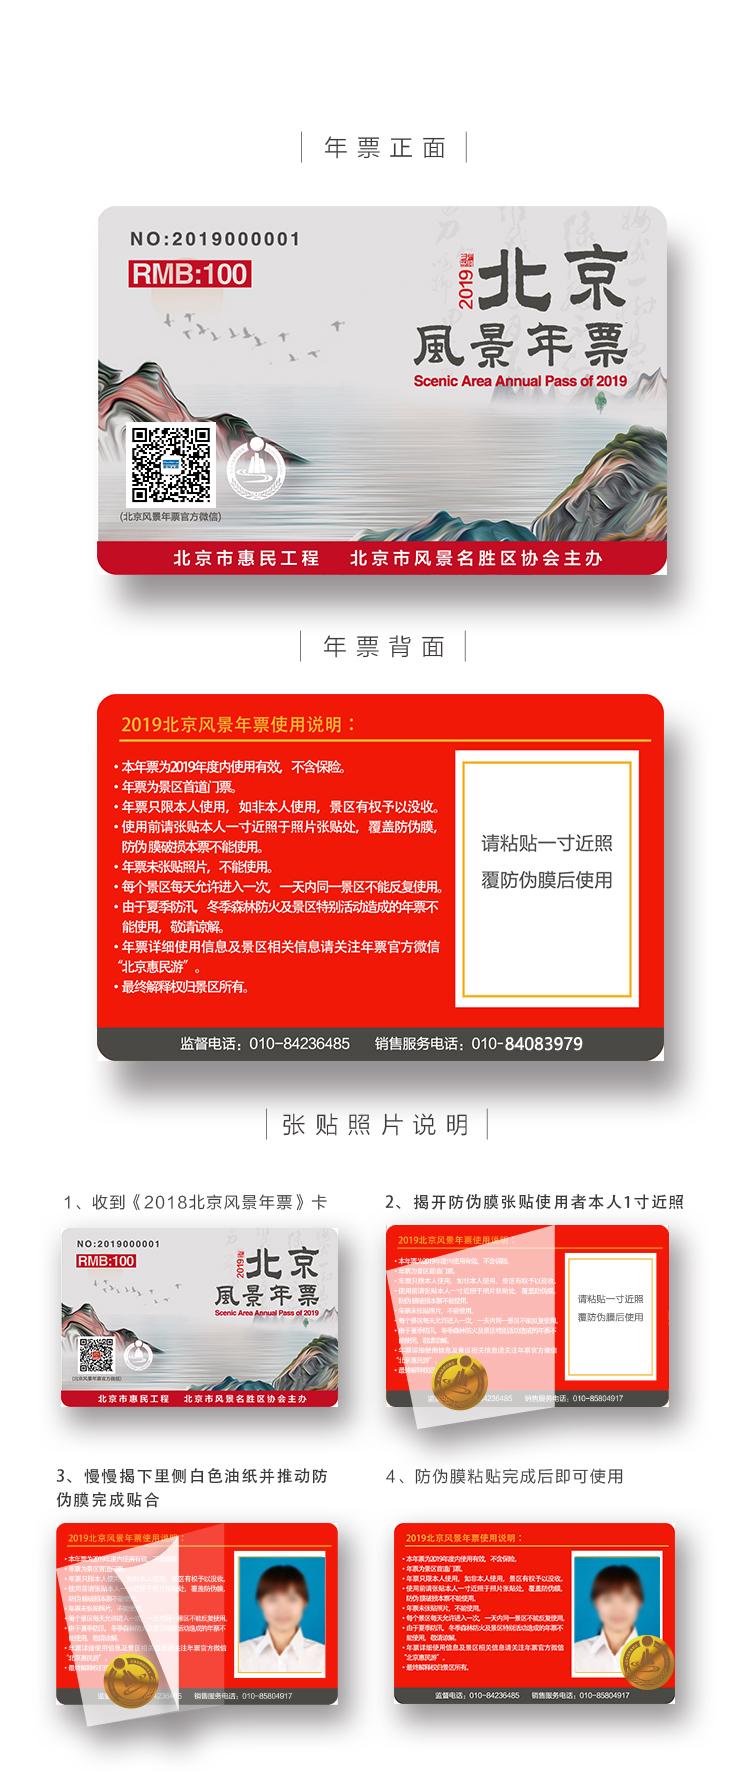 2020北京风景年票正面背面及张贴照片说明